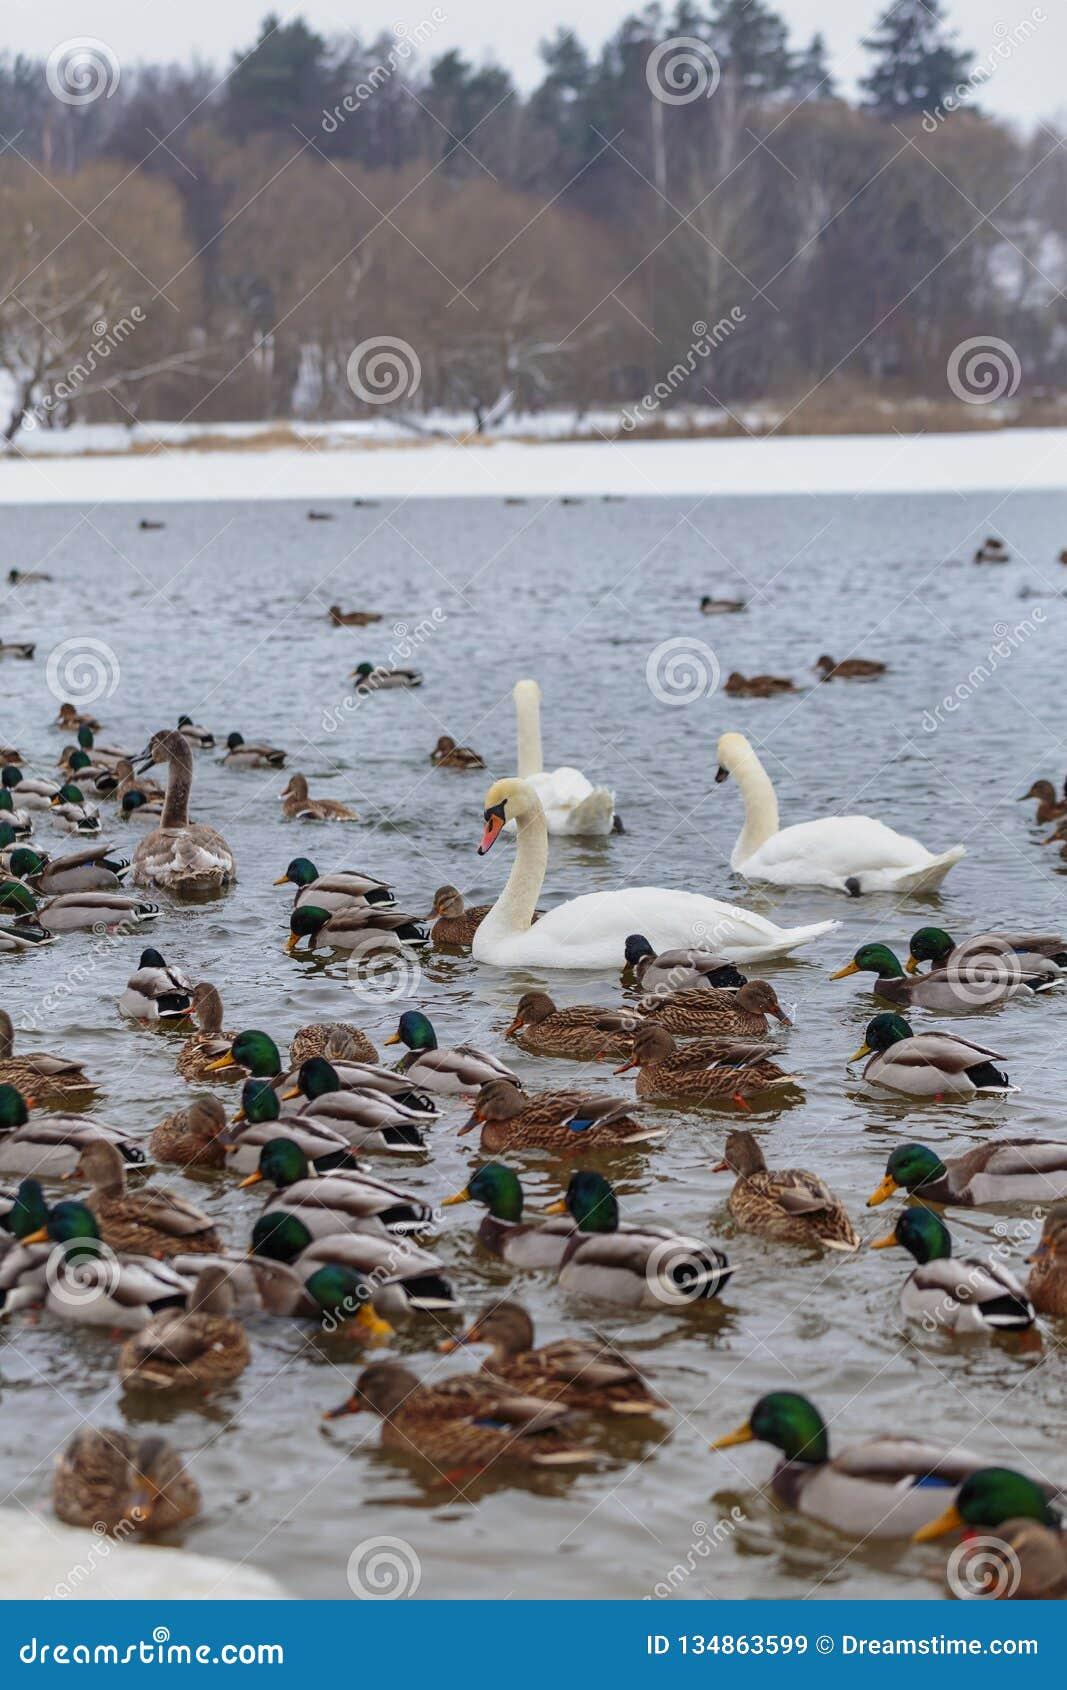 Die Höckerschwäne, die durch Enten umgeben werden, schwimmen im einfrierenden Winterfluß